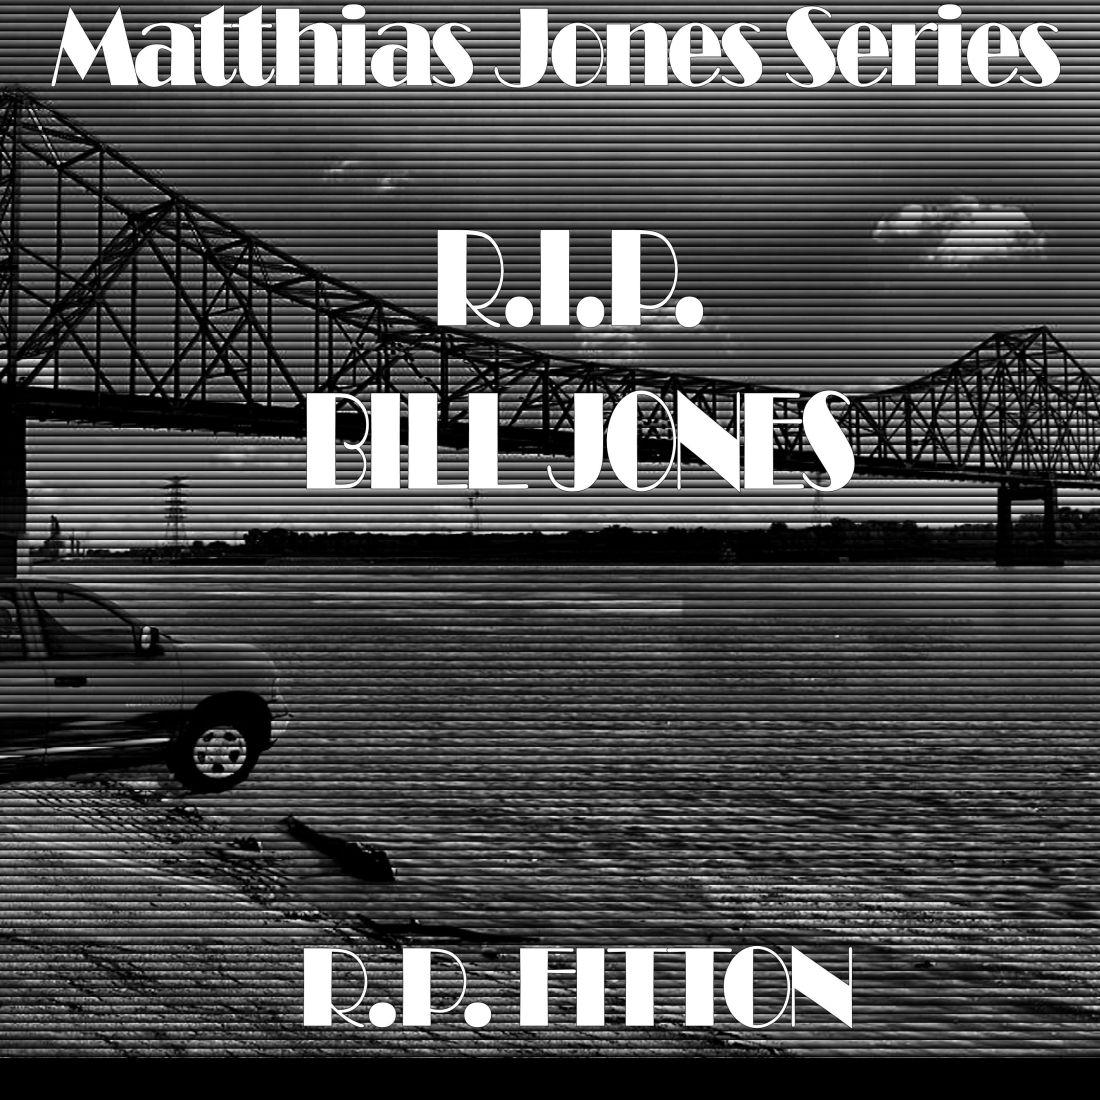 RIP BILL JONES-2